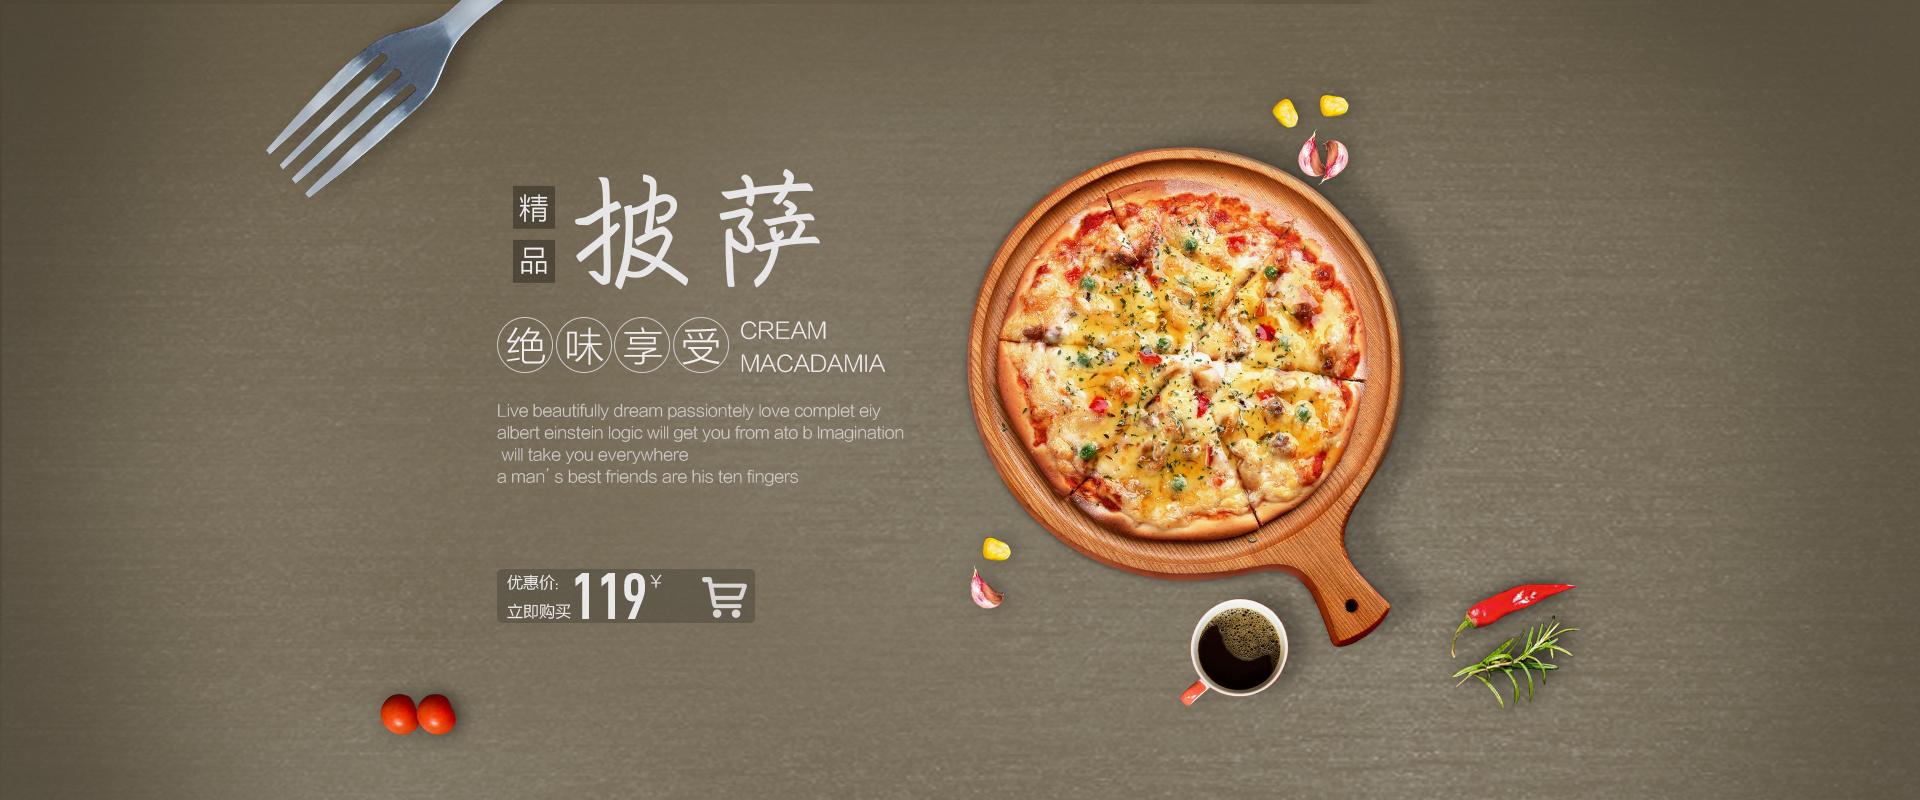 食品西餐banner,海报